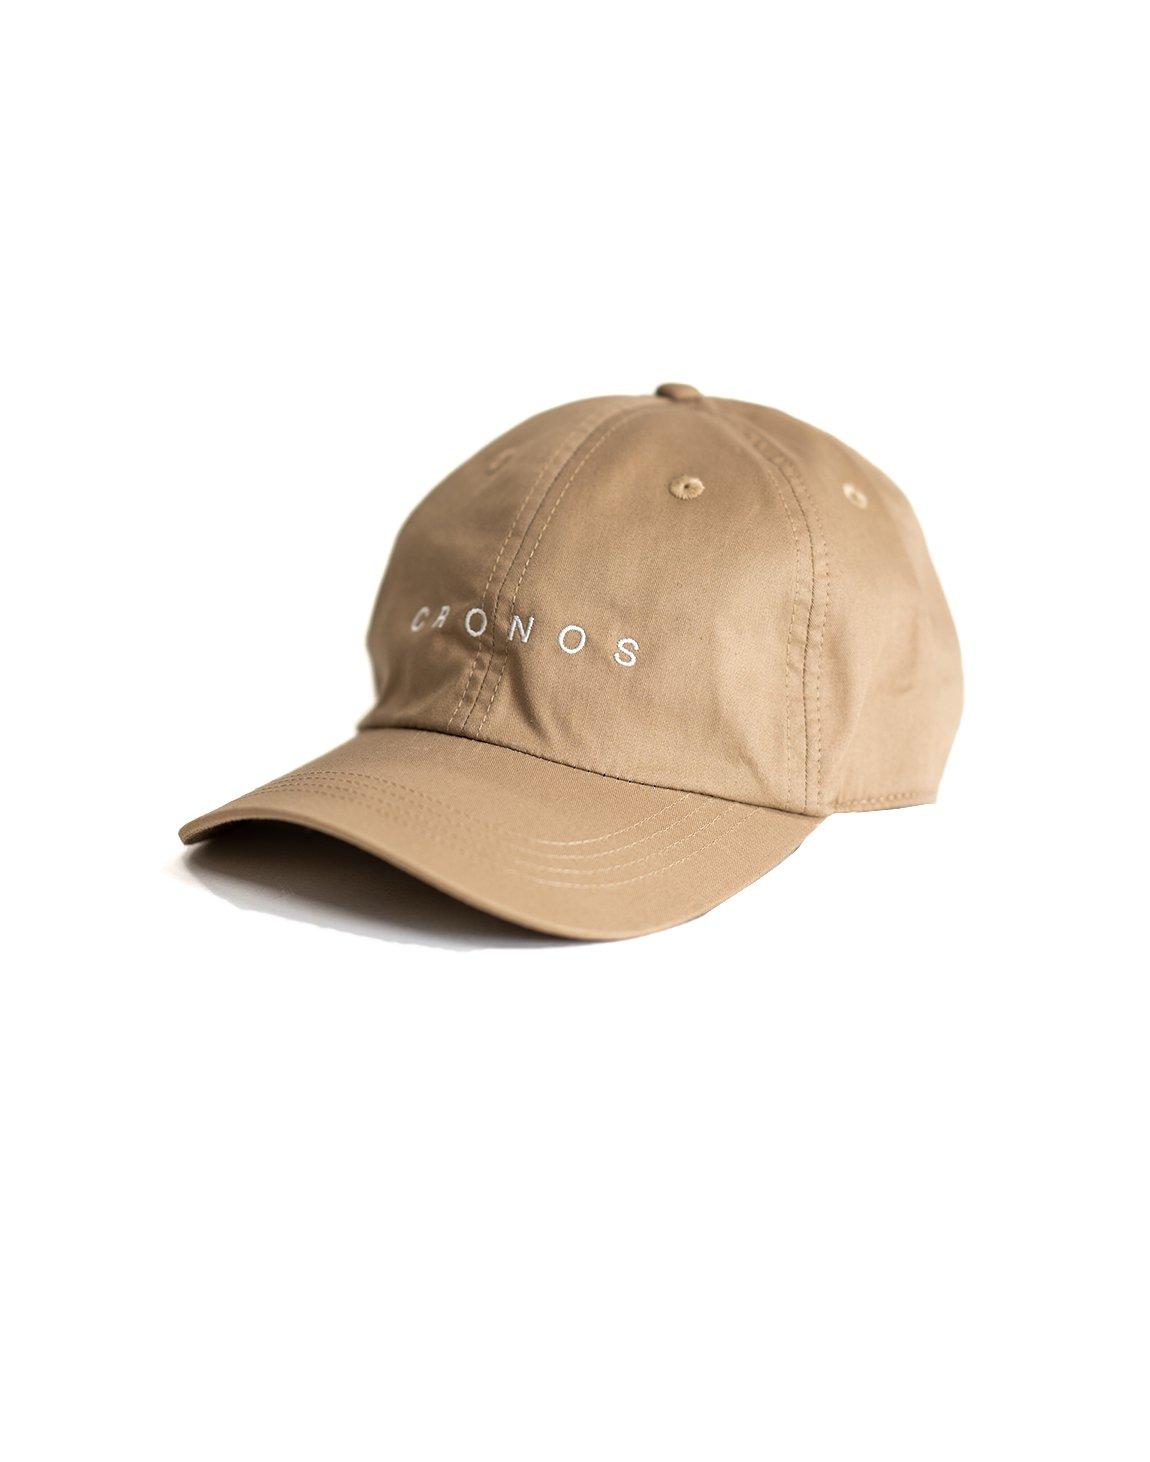 CRONOS LOGO CAP 【BEIGE】